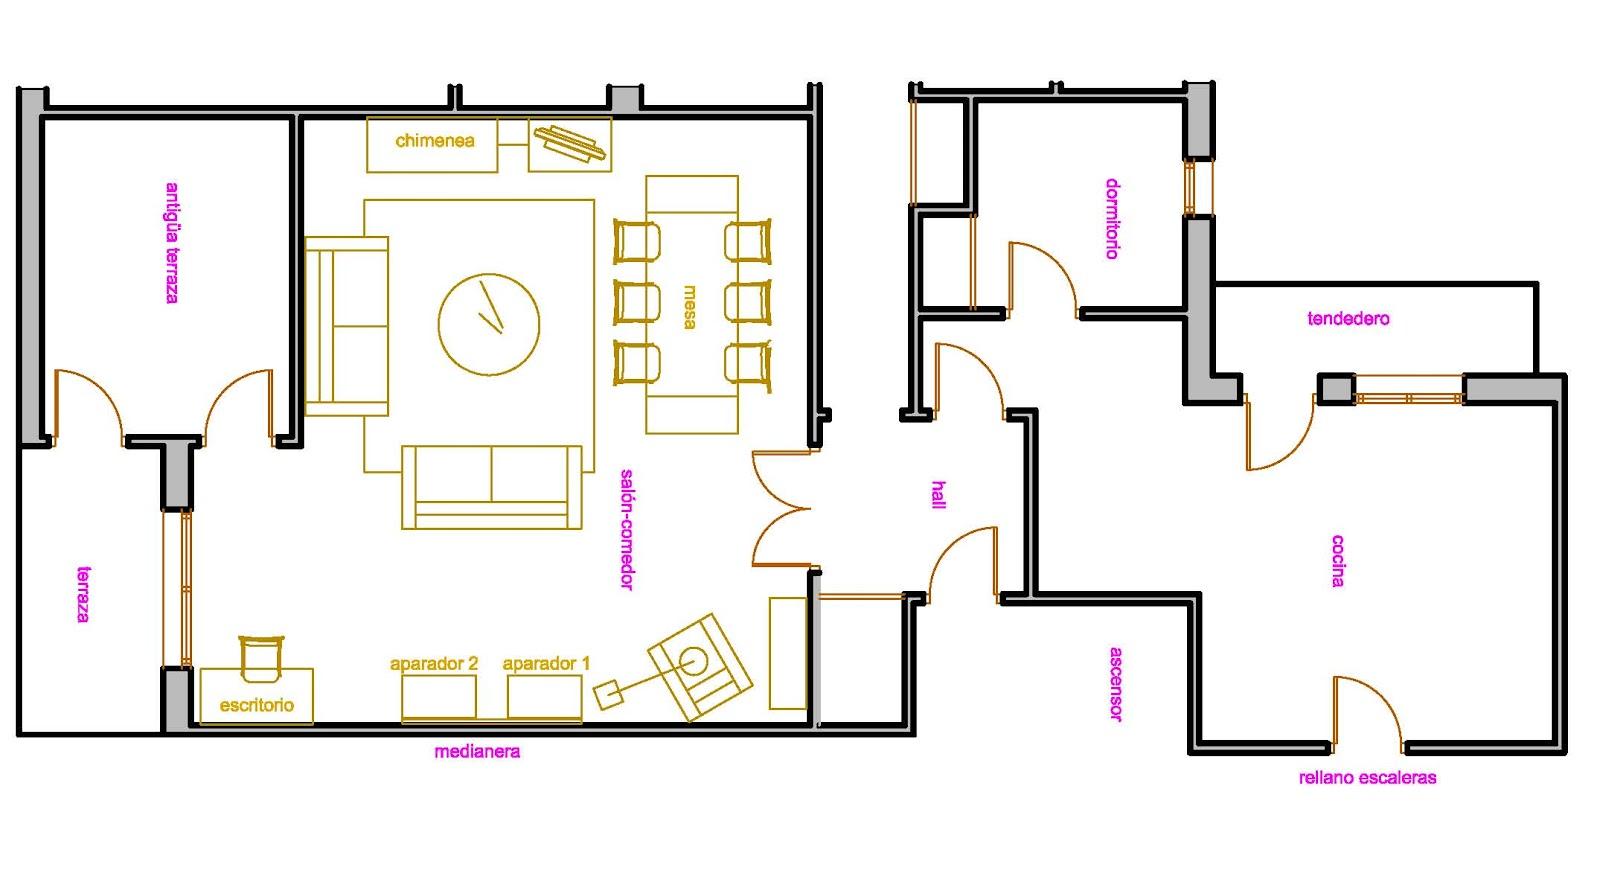 Planos low cost febrero 2012 for Planos de escritorios